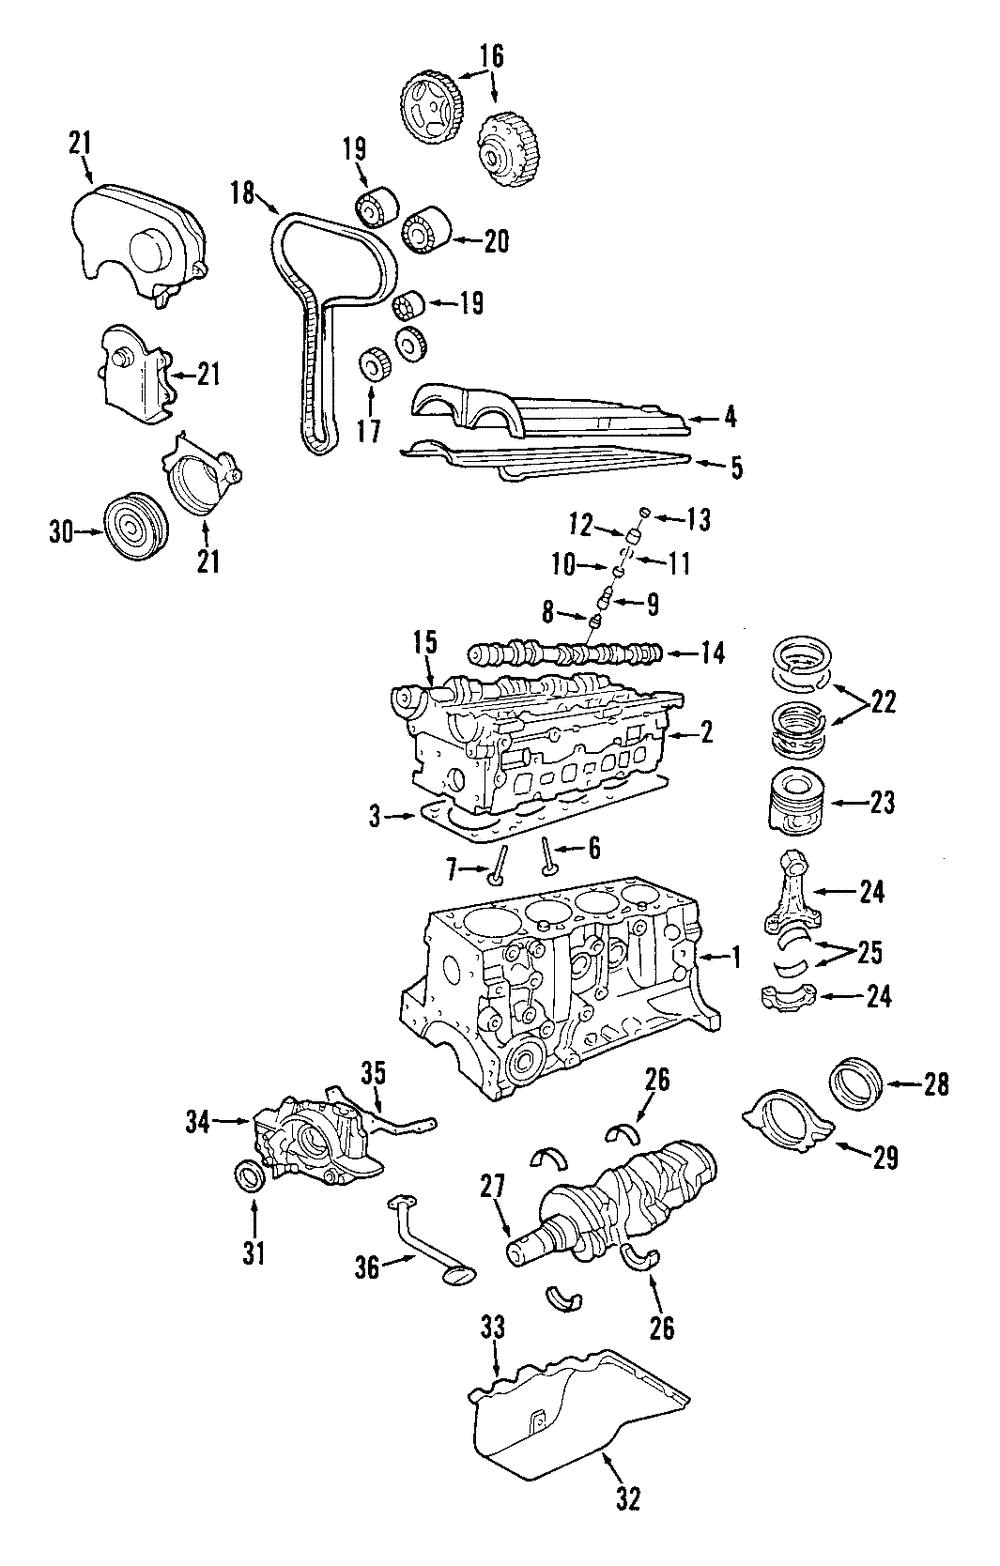 Genuine Ford Valve Cover Gasket YS4Z-6584-BA